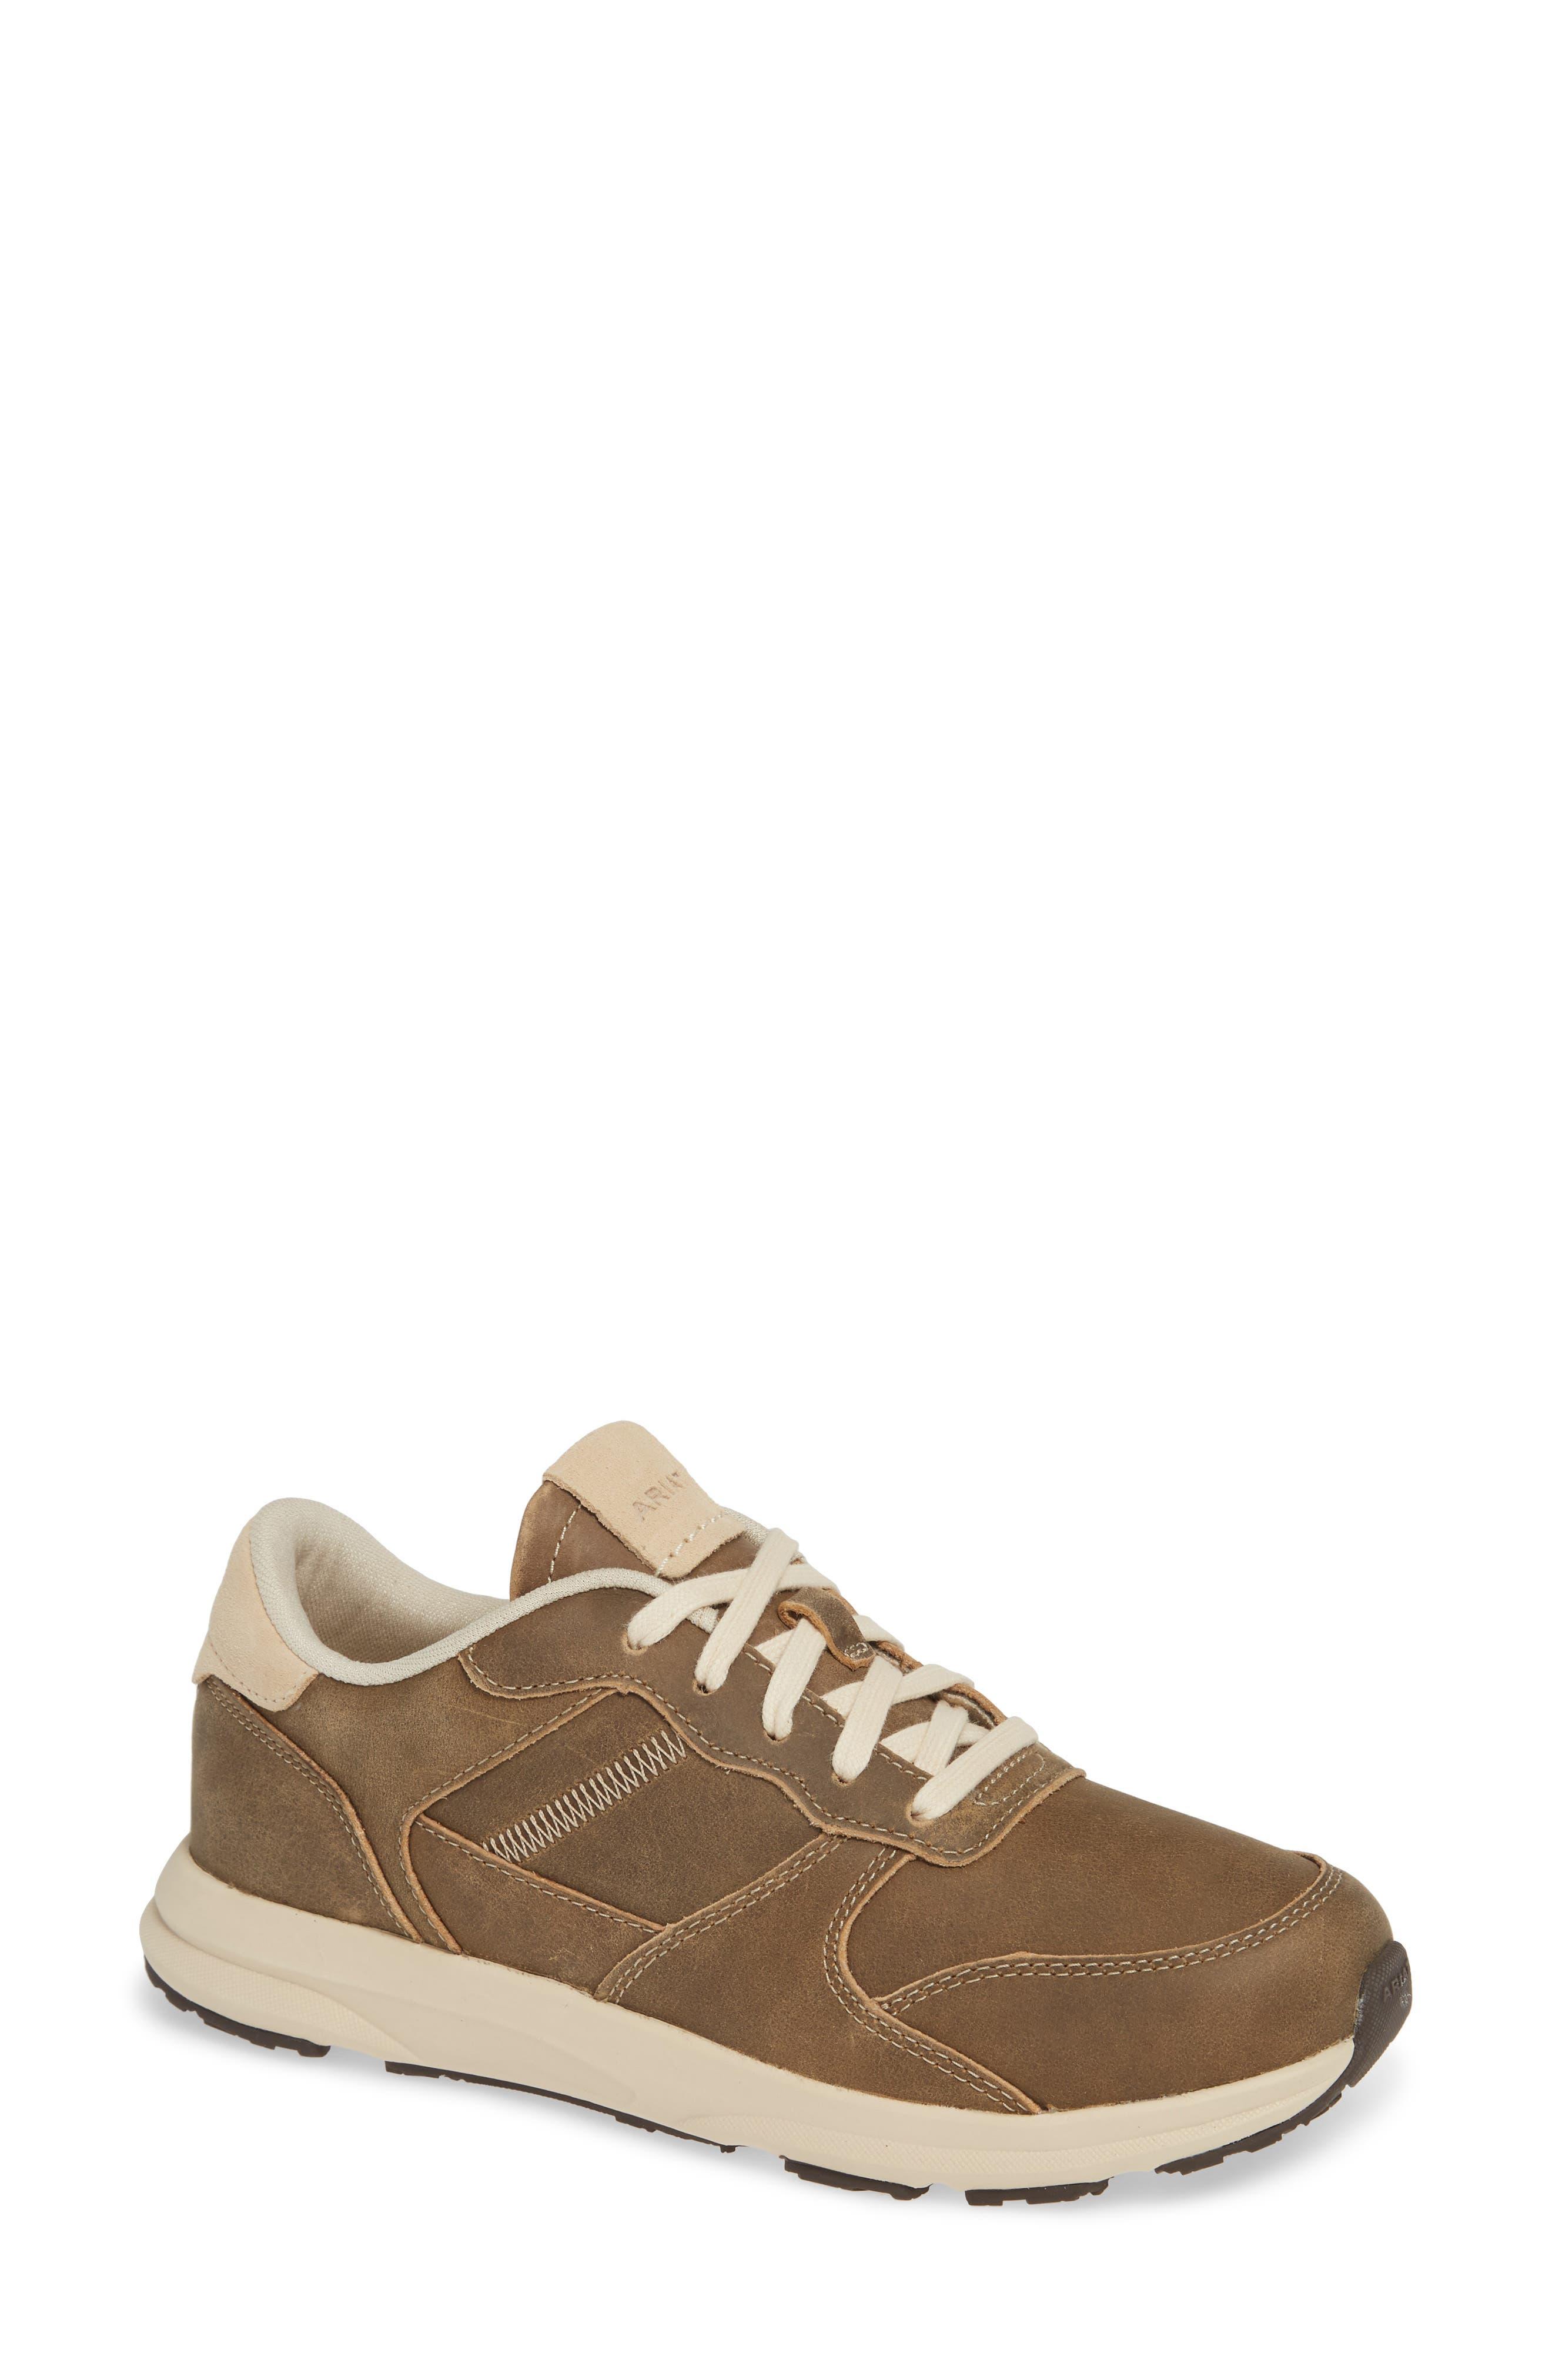 Image of ARIAT Fuse Plus Sneaker